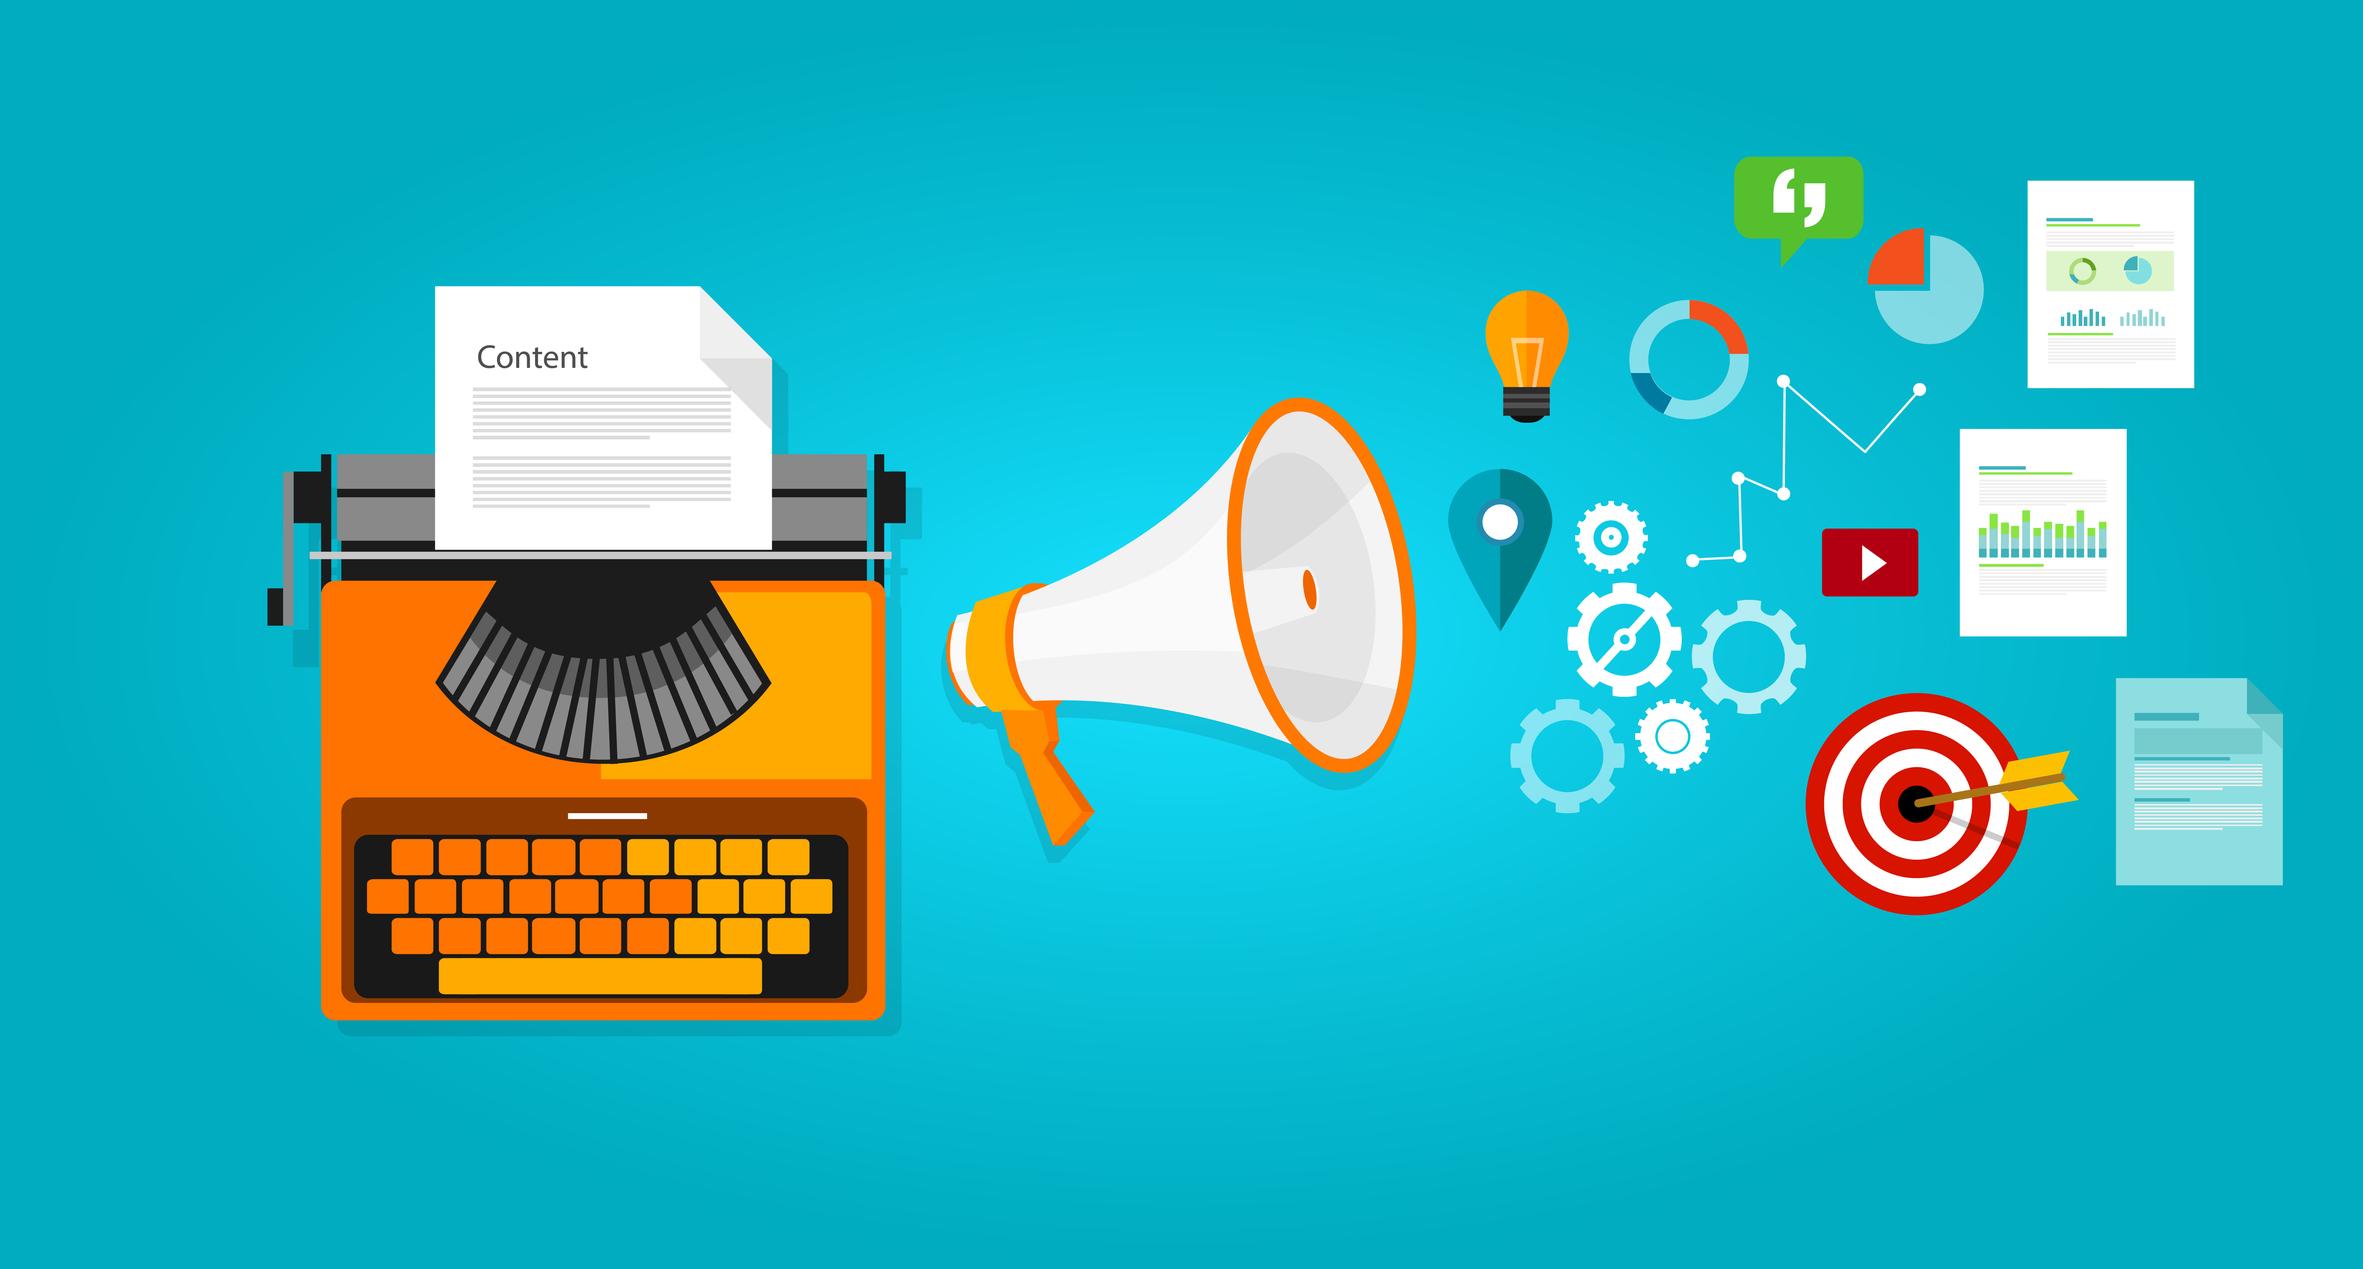 стратегии контент-маркетинга для увеличения трафика